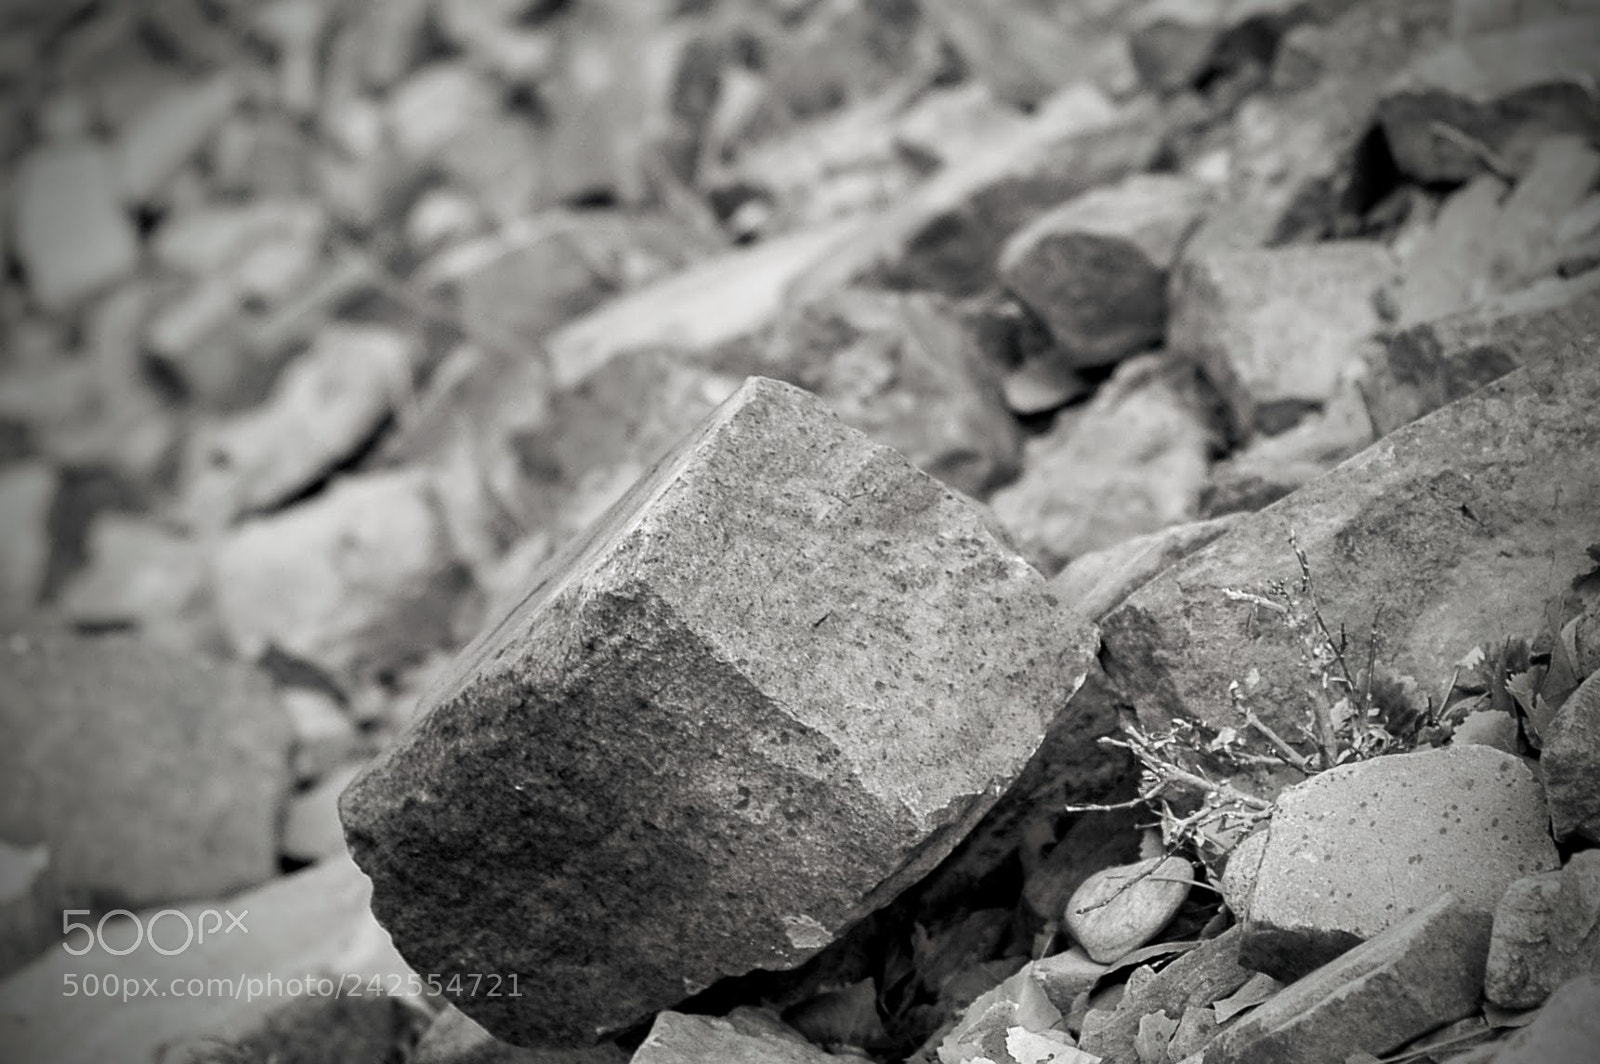 Untitled, Nikon D70, AF Nikkor 50mm f/1.8 N